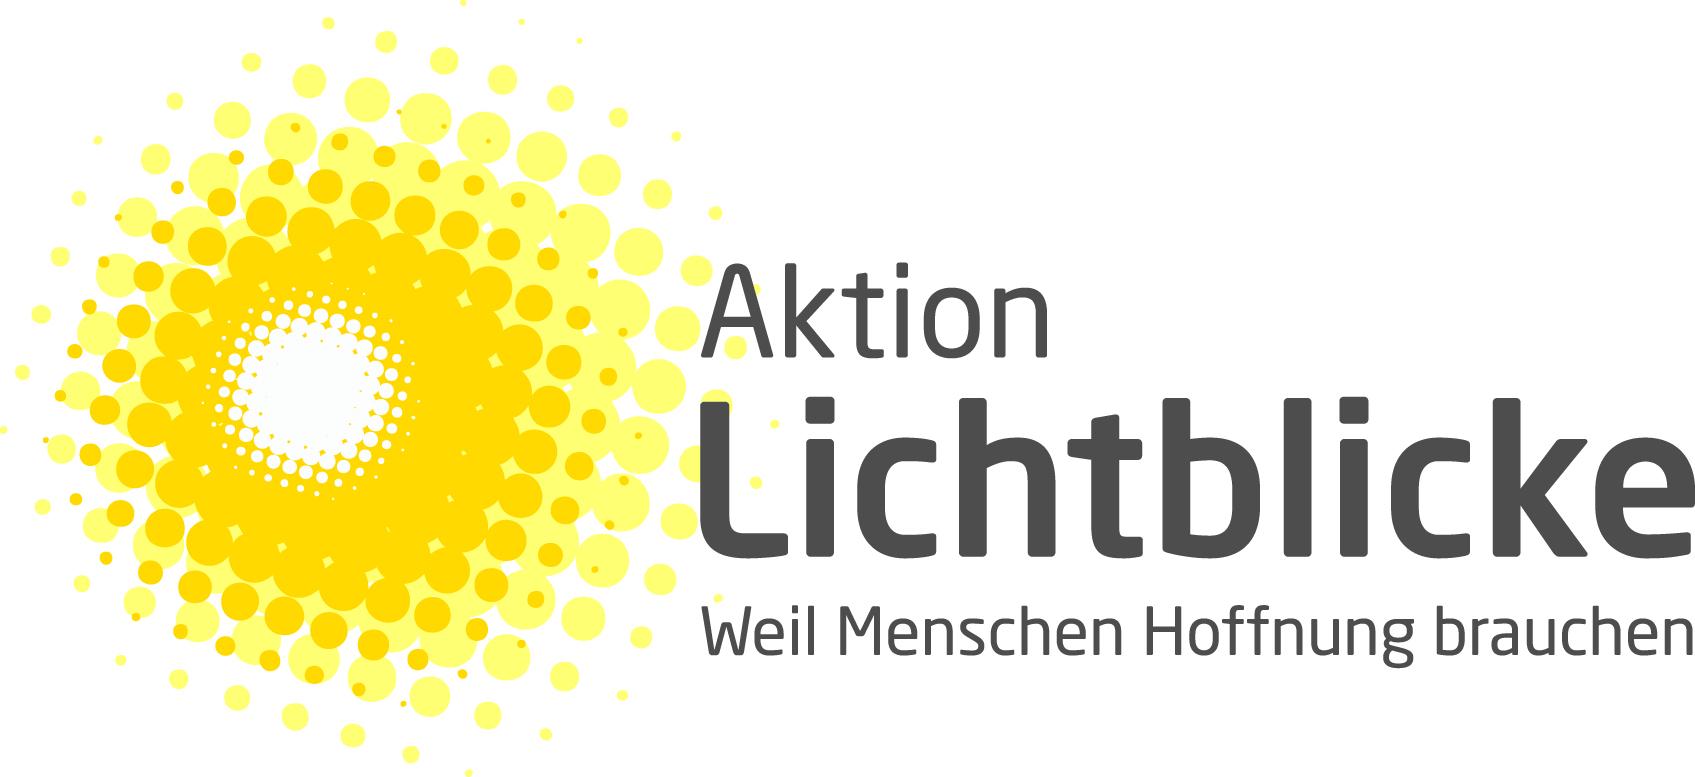 Logo der Aktion Lichtblicke: Sonne und Text: Weil Menschen Hoffnung brauchen